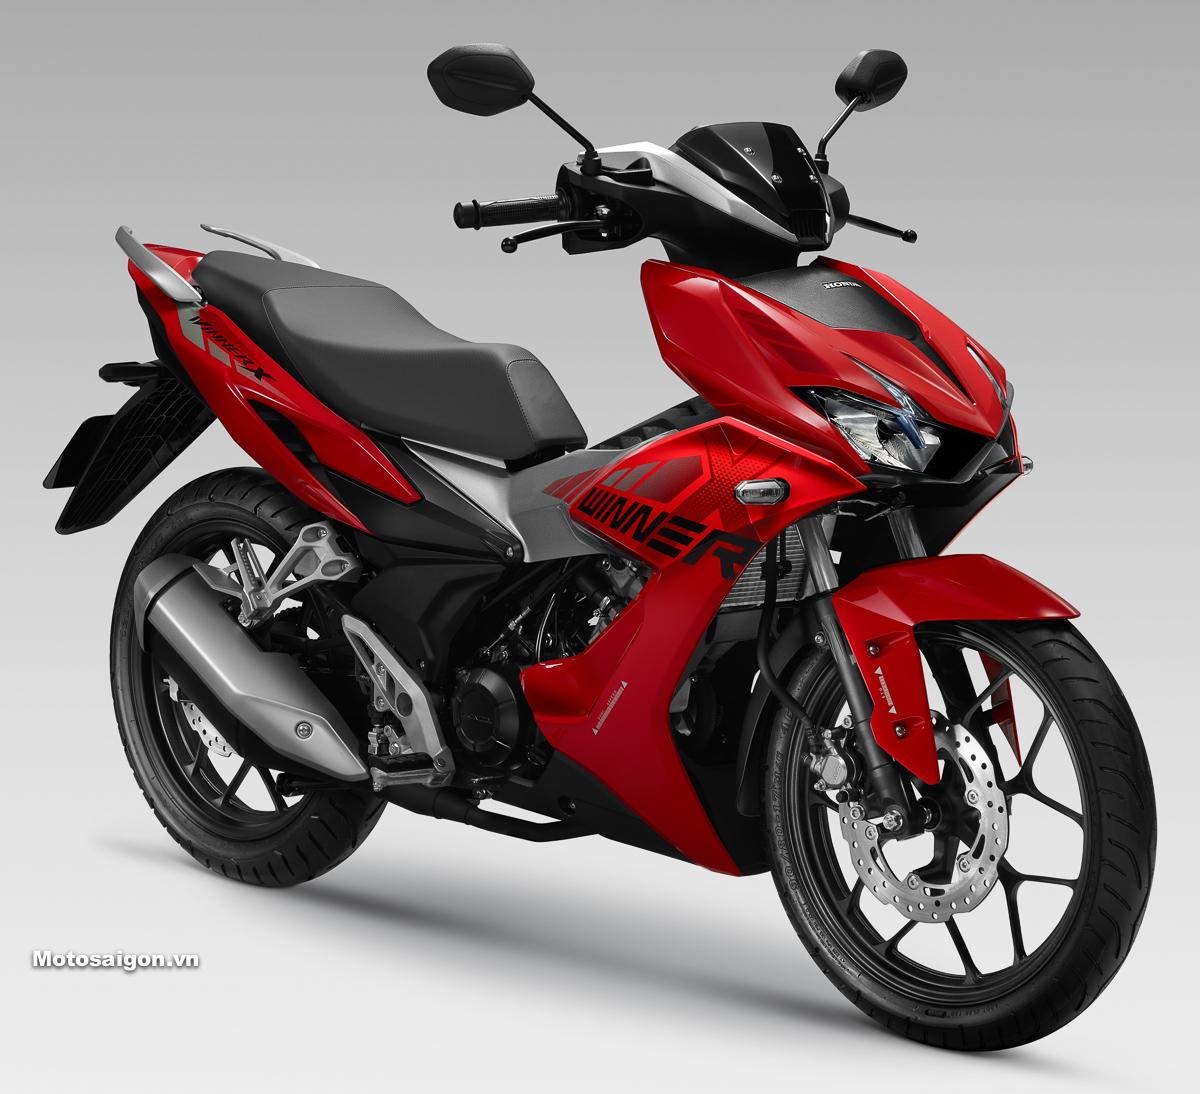 Giá xe Honda Winner X phiên bản thể thao màu Đỏ bạc Đen: 45.990.000đ